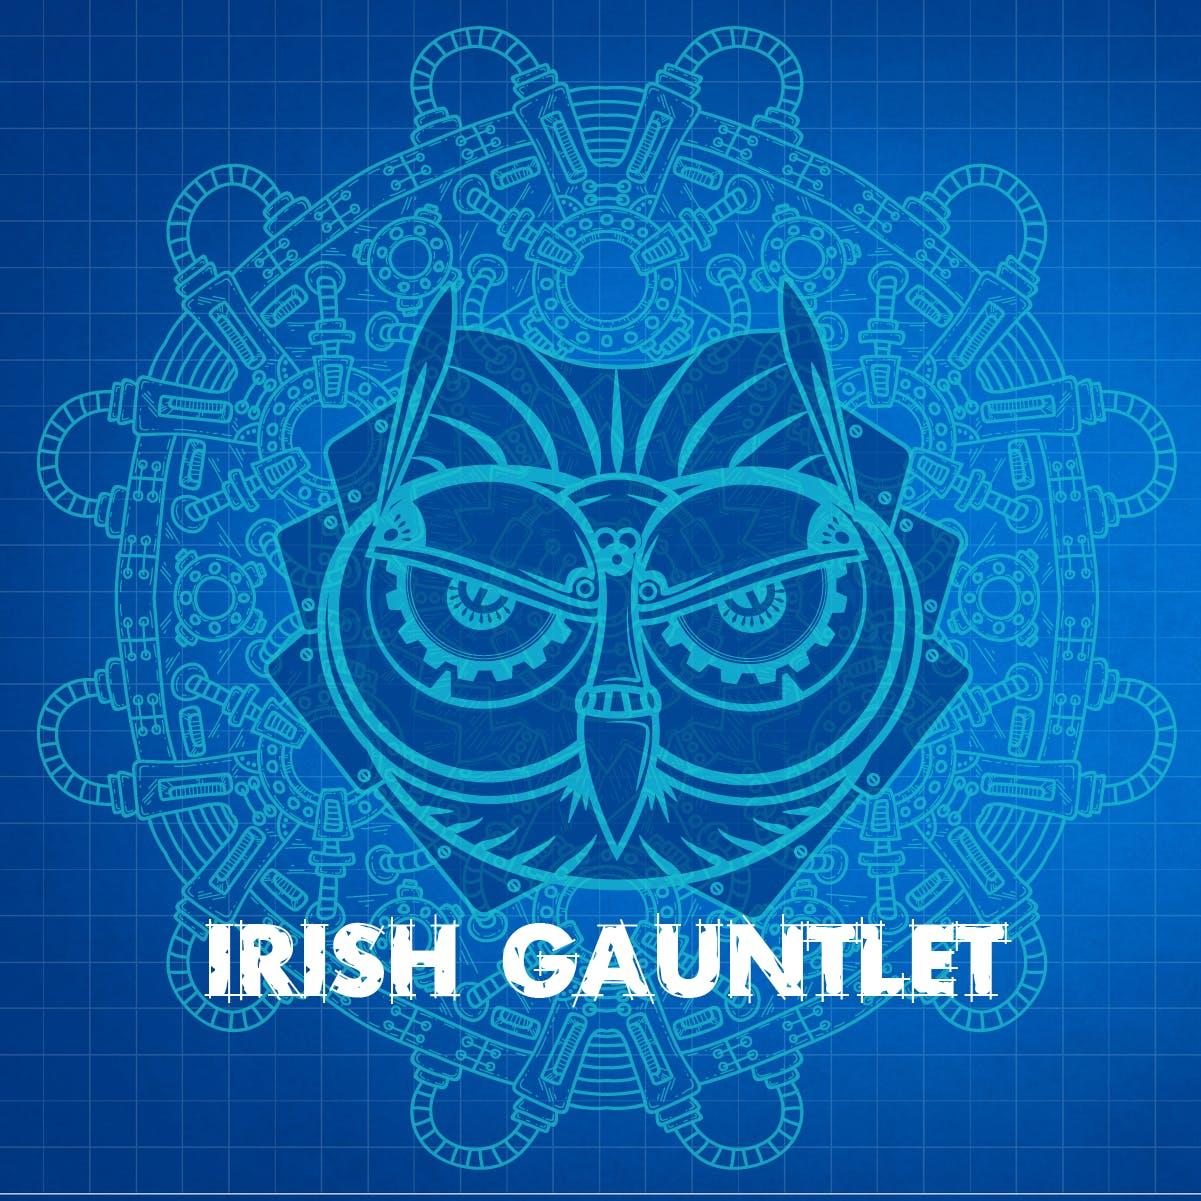 Irish Gauntlet 2018